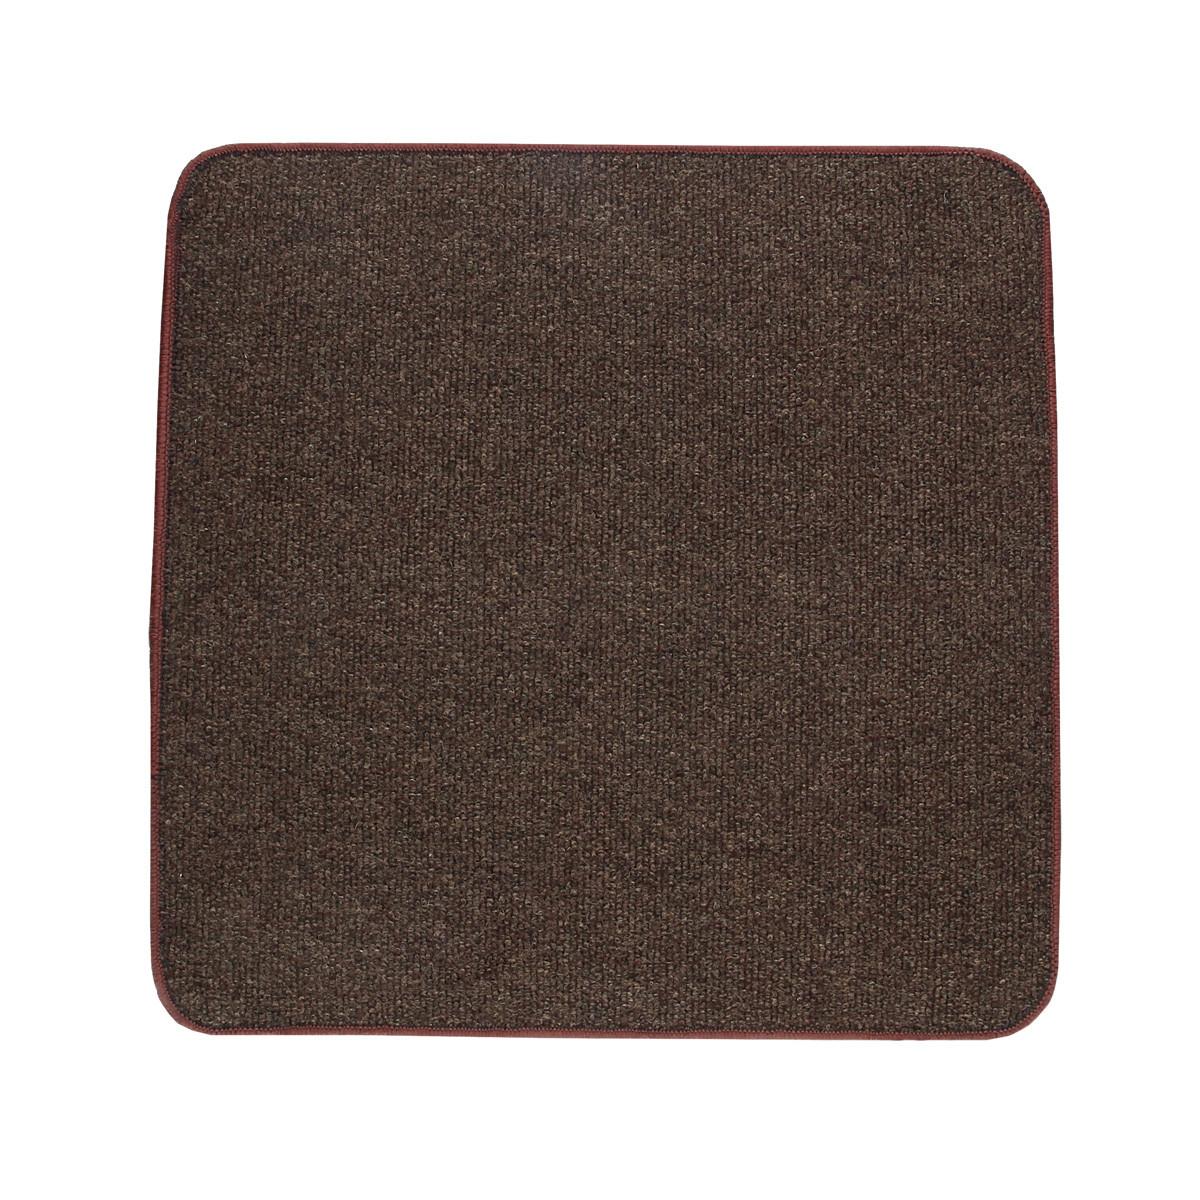 Електричний килимок з підігрівом Теплик двосторонній 50 х 50 см Темно-коричневий